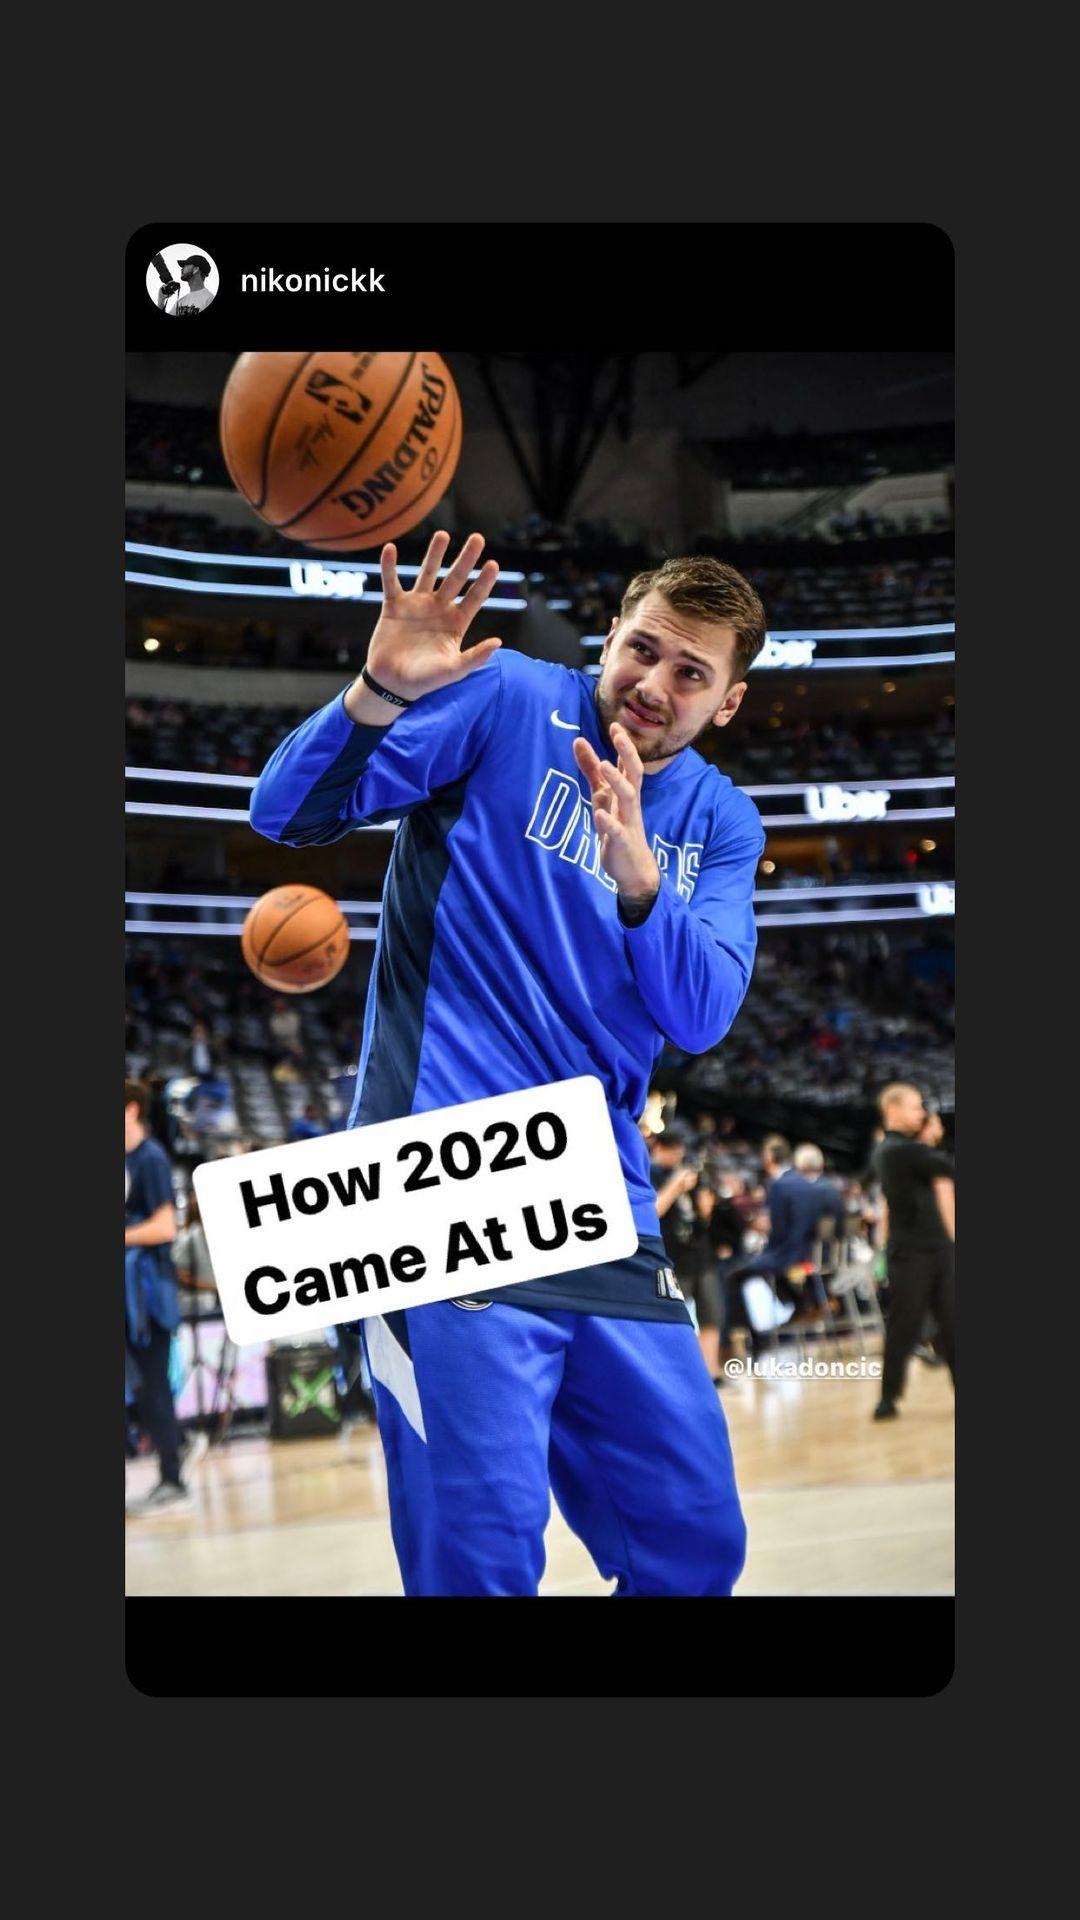 东契奇转发自己的趣图:2020年是怎样对咱们的